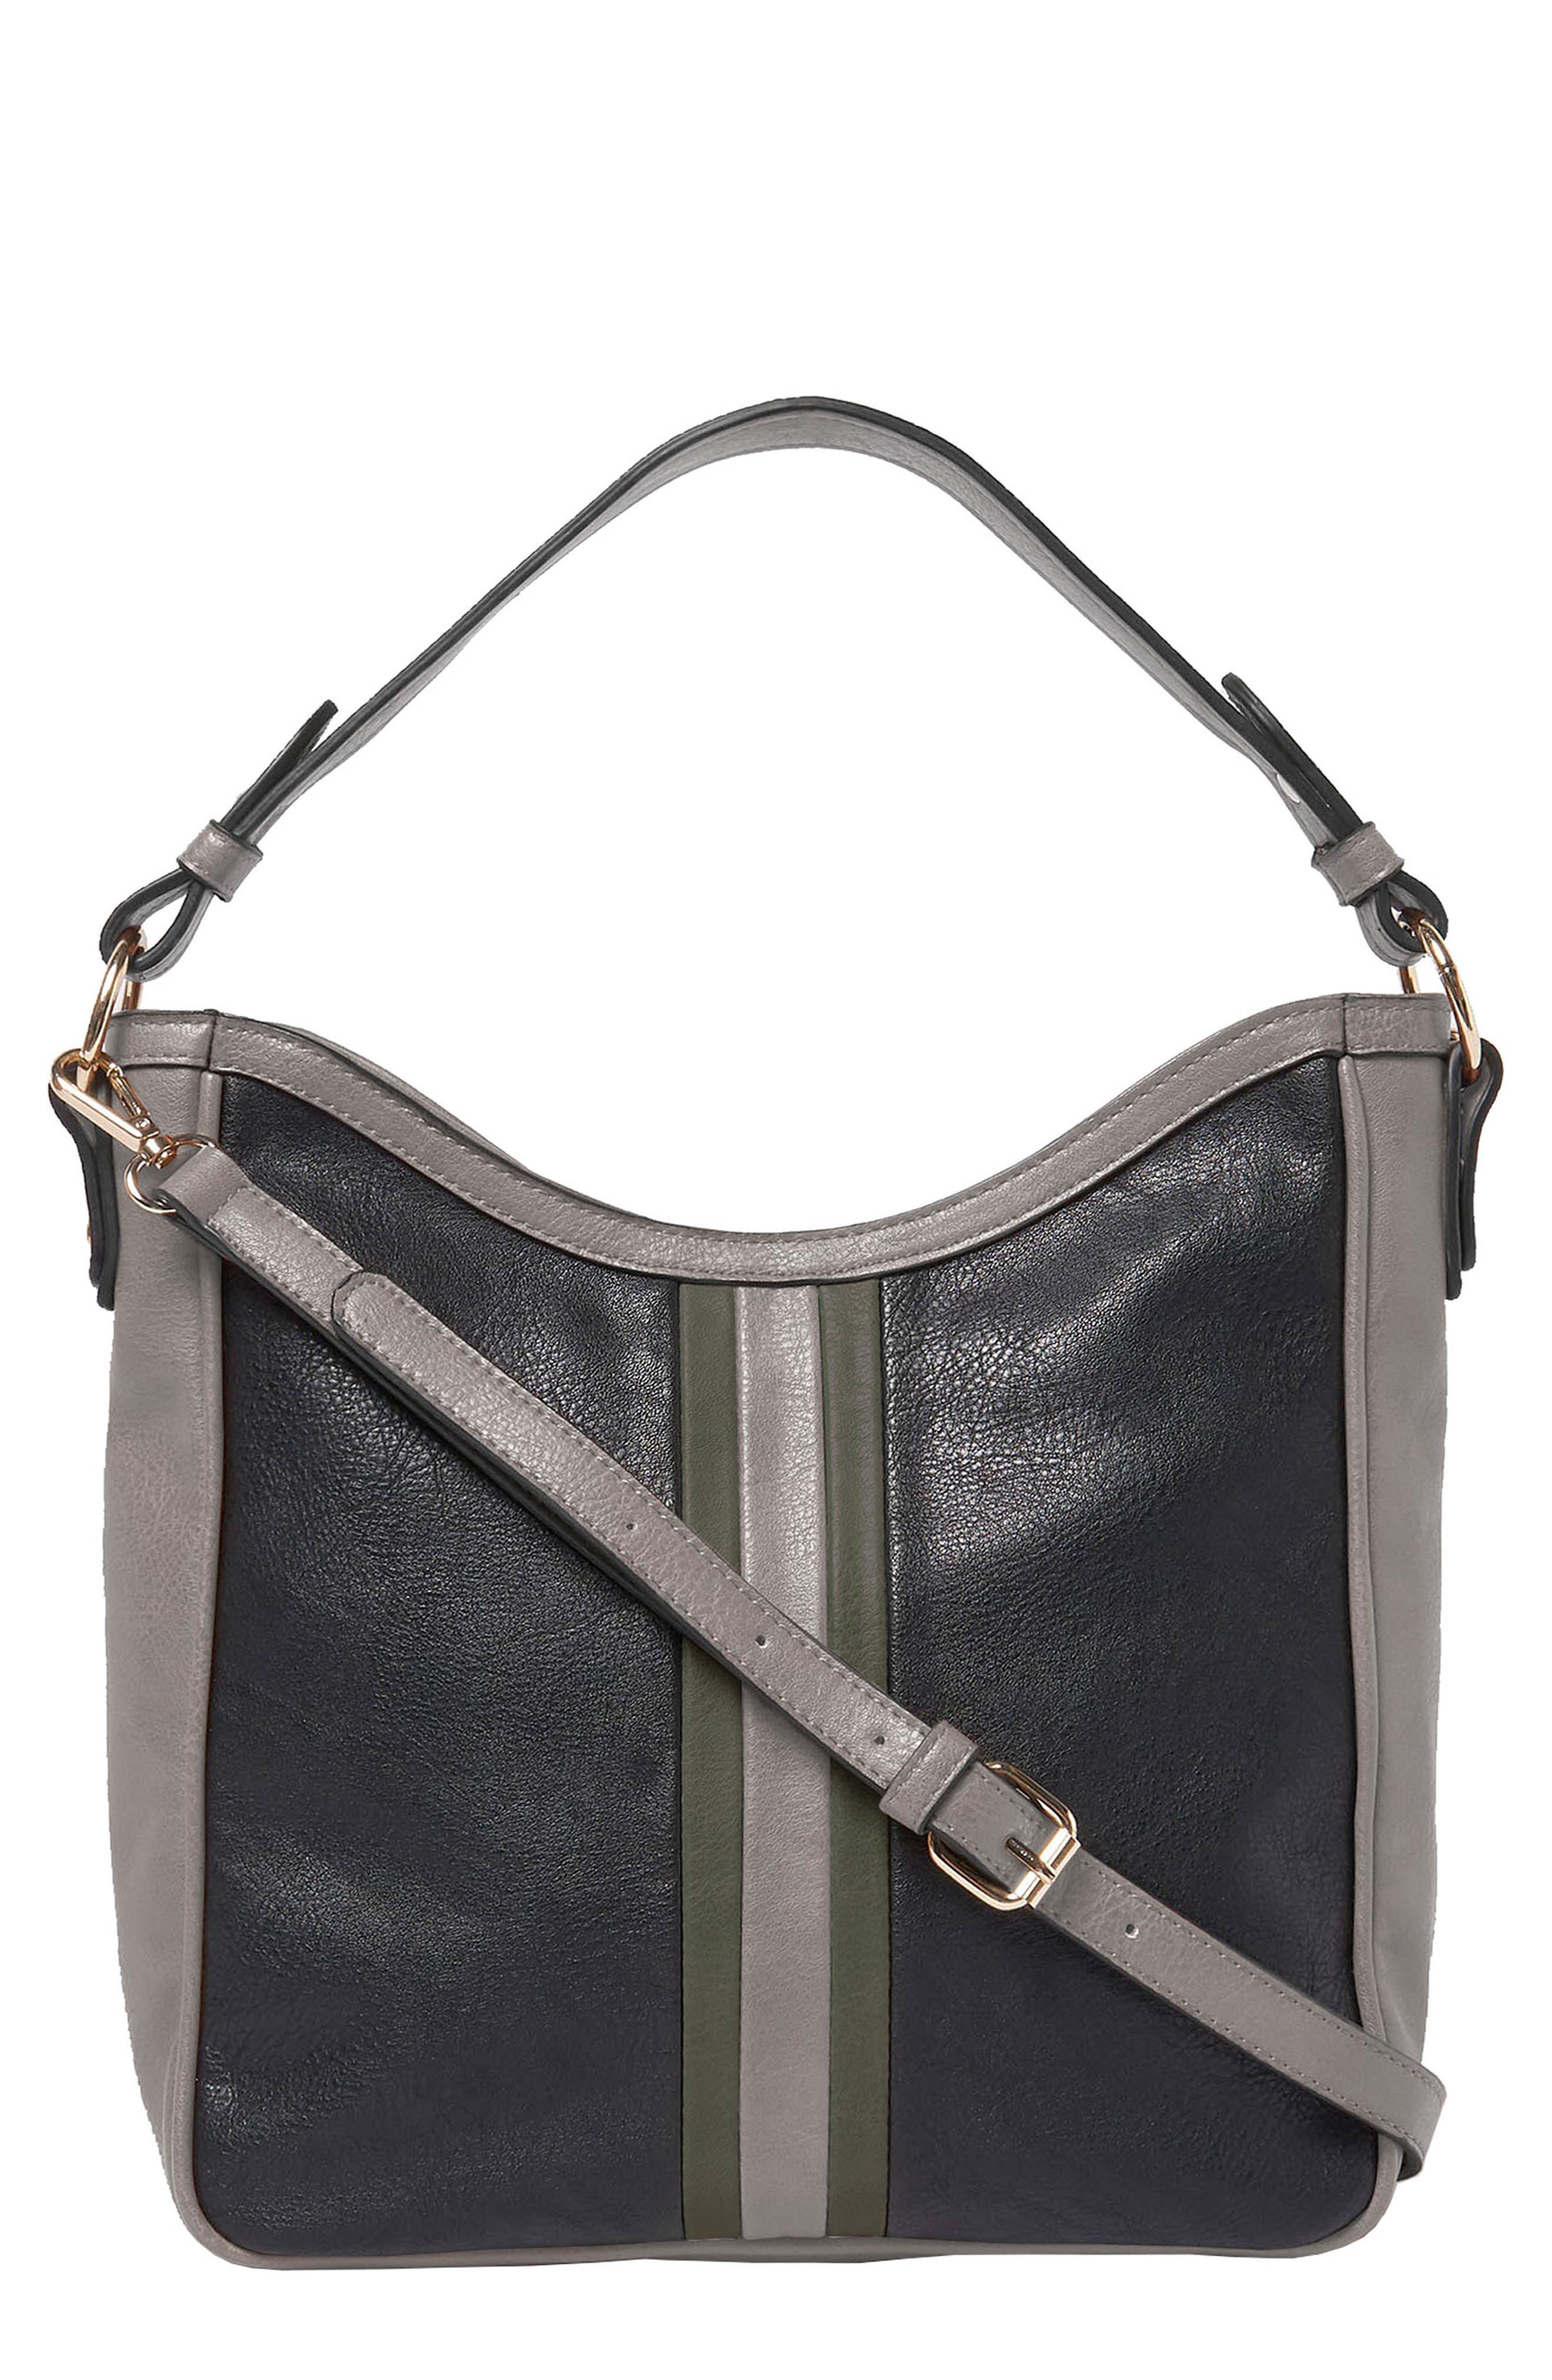 Faux Leather Hobo Bags   Purses  b0e4e80669e2e